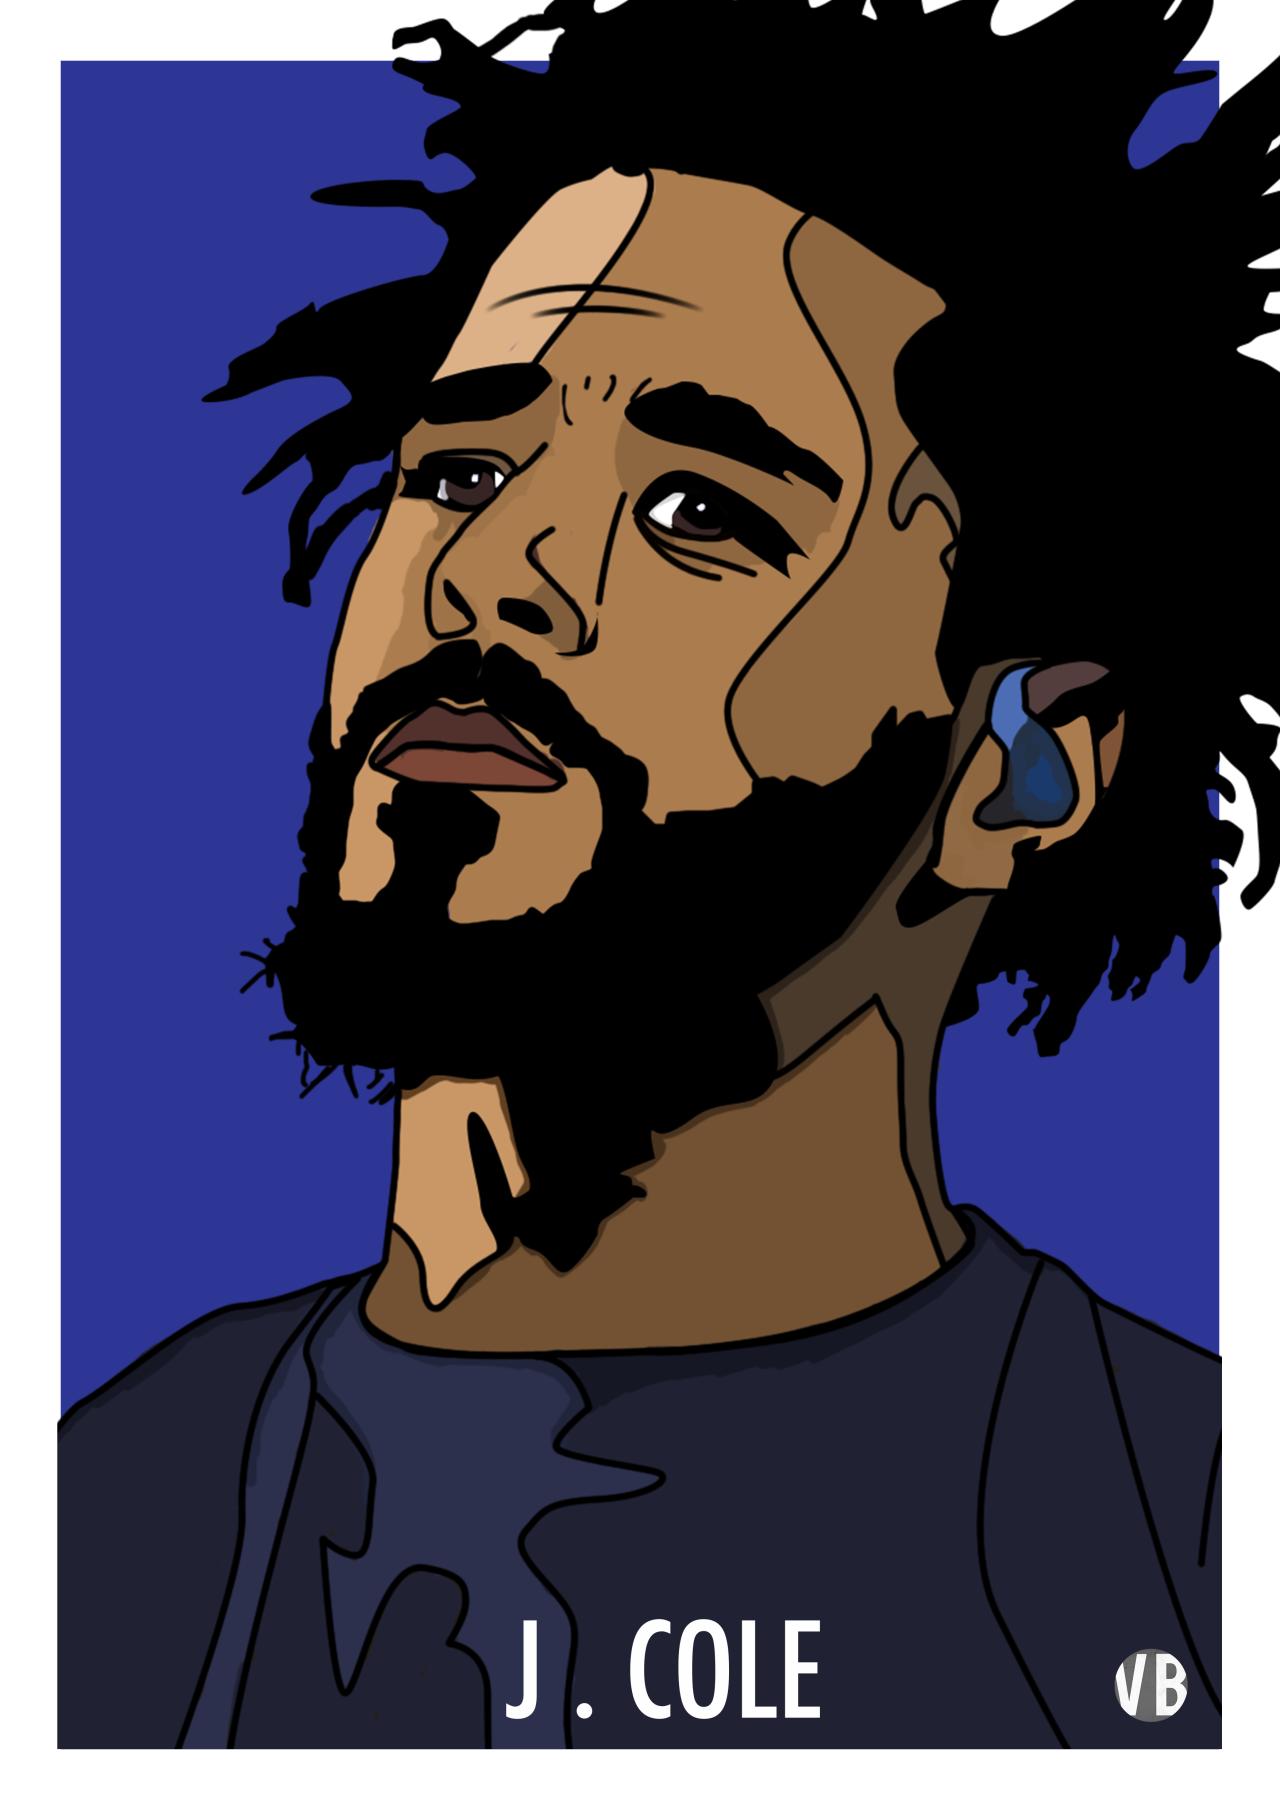 Vivekbajaj J Cole Illustration J Cole Art Rapper Art Hip Hop Artwork